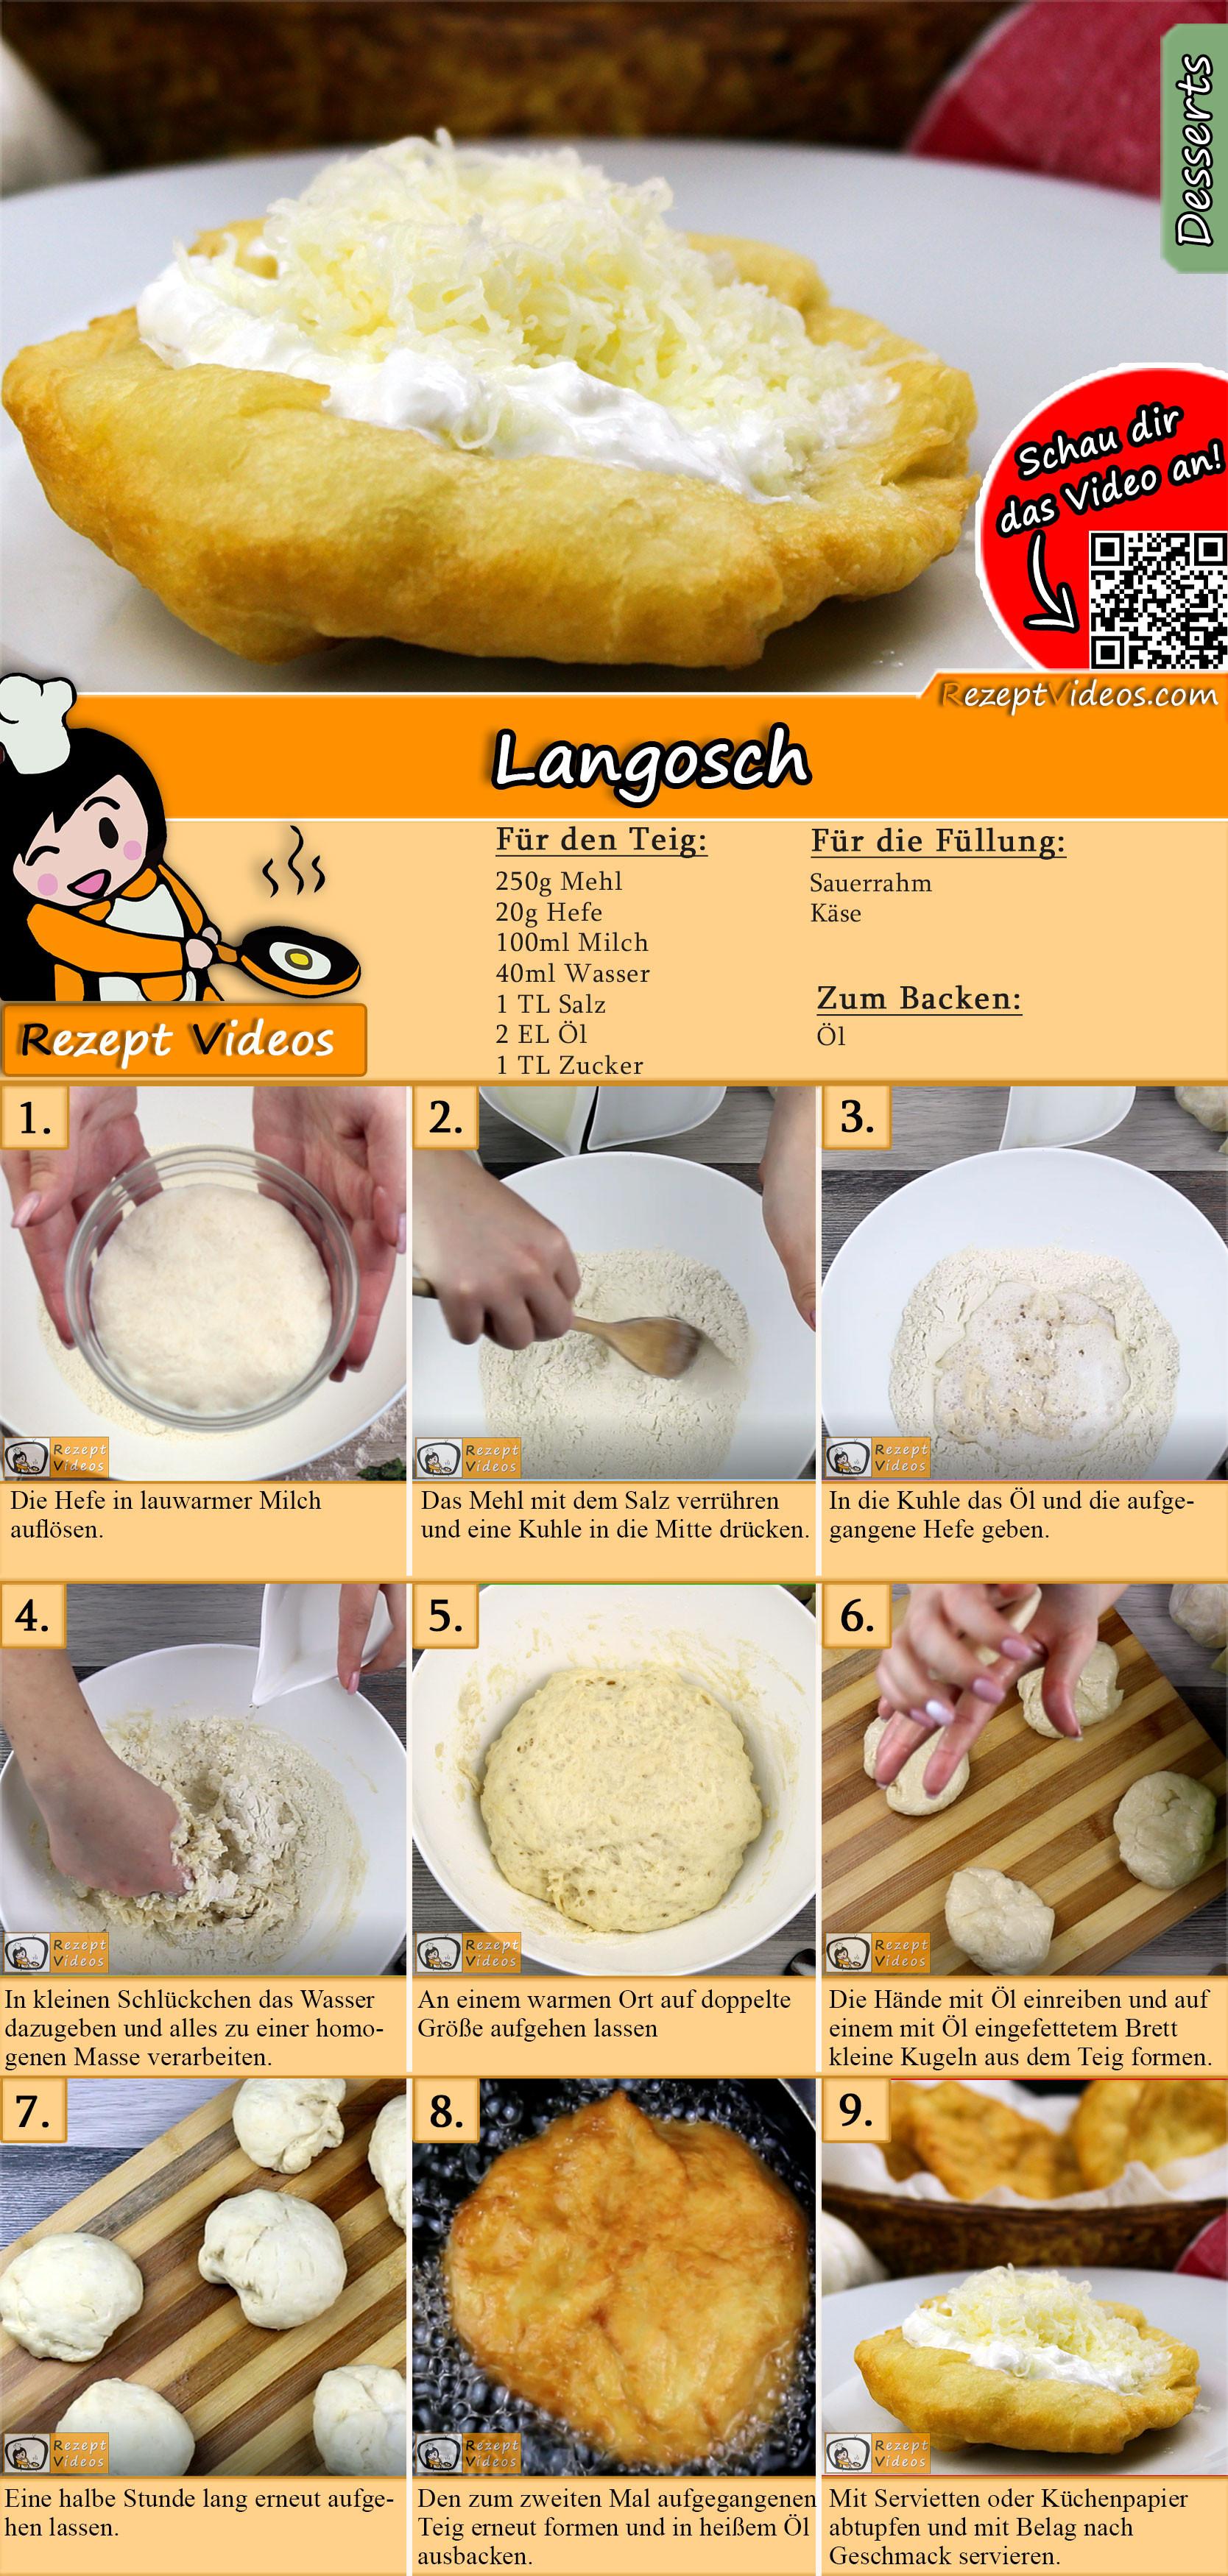 Langosch Rezept mit Video